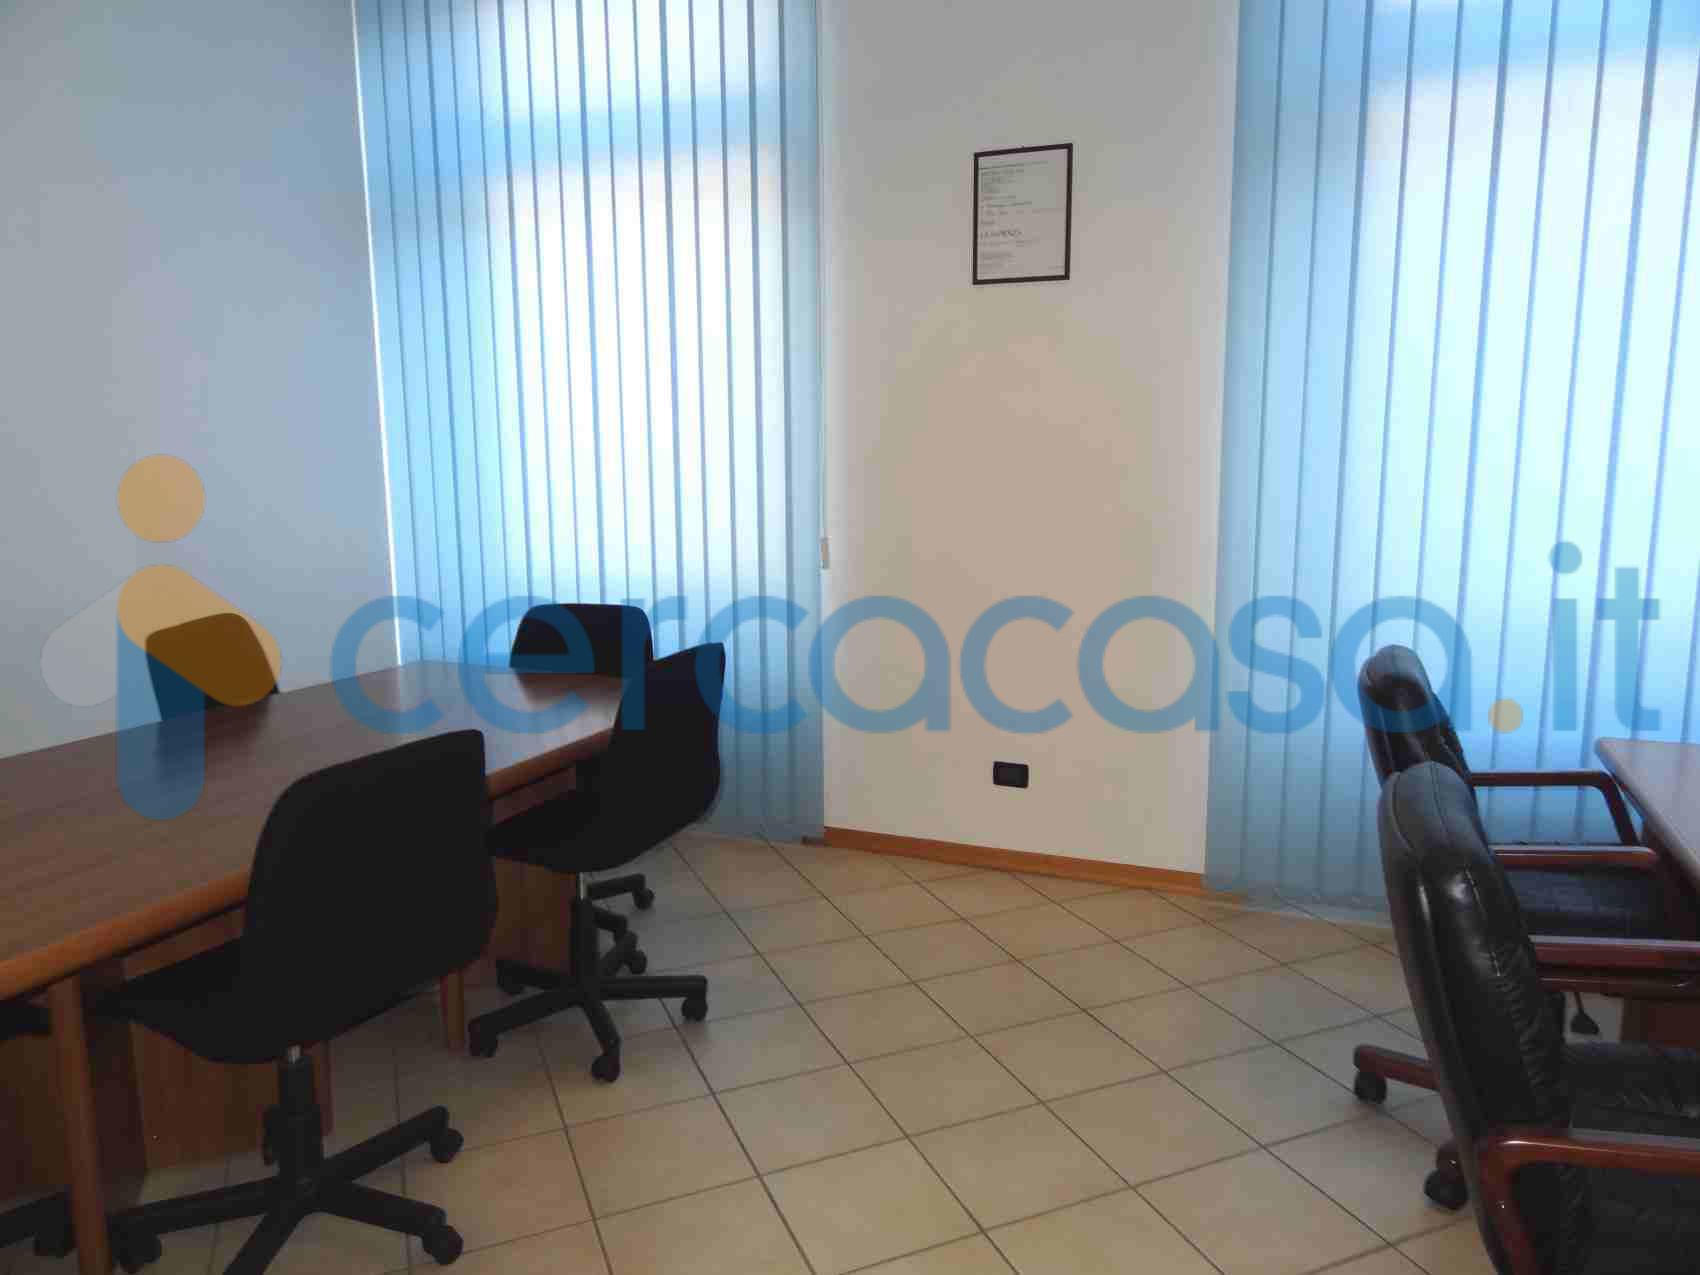 _vendita-_ufficio__002c-in-zona-_c_e_n_t_r_o__002c-_b_i_e_l_l_a